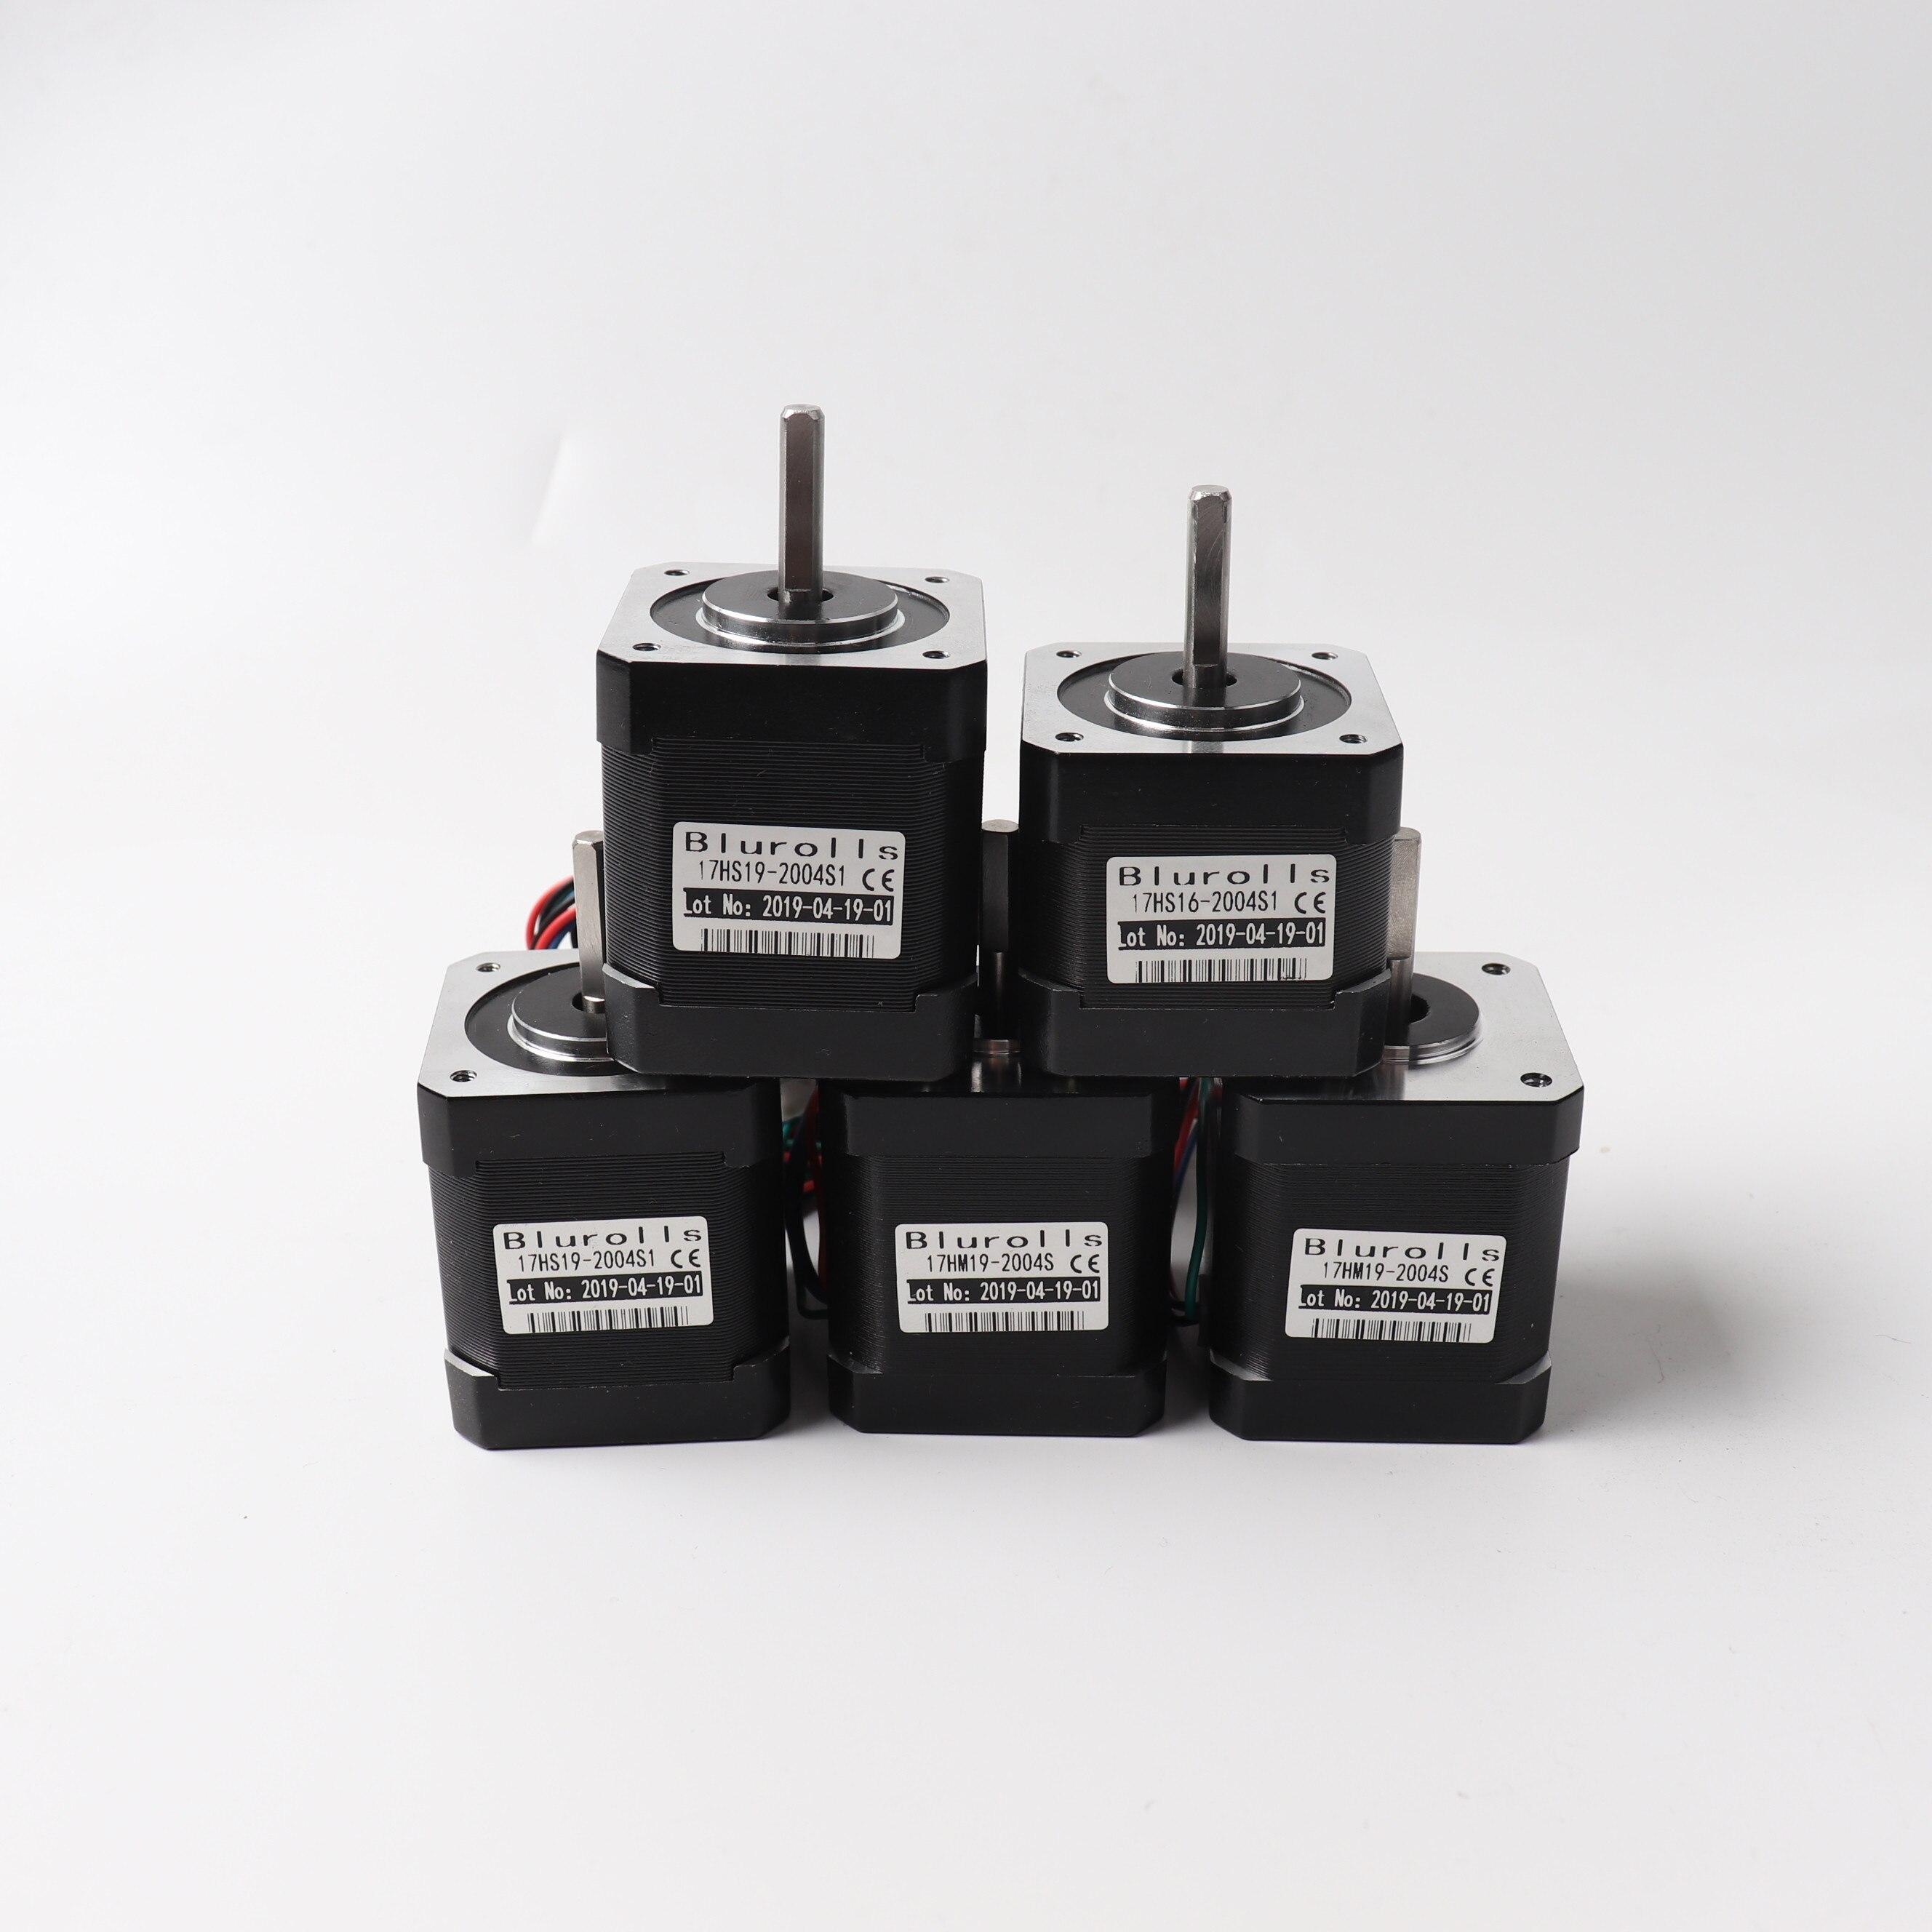 Nema 17 42 stepper motors kit for BLV MGN Cube 3d printer D-cut shaft